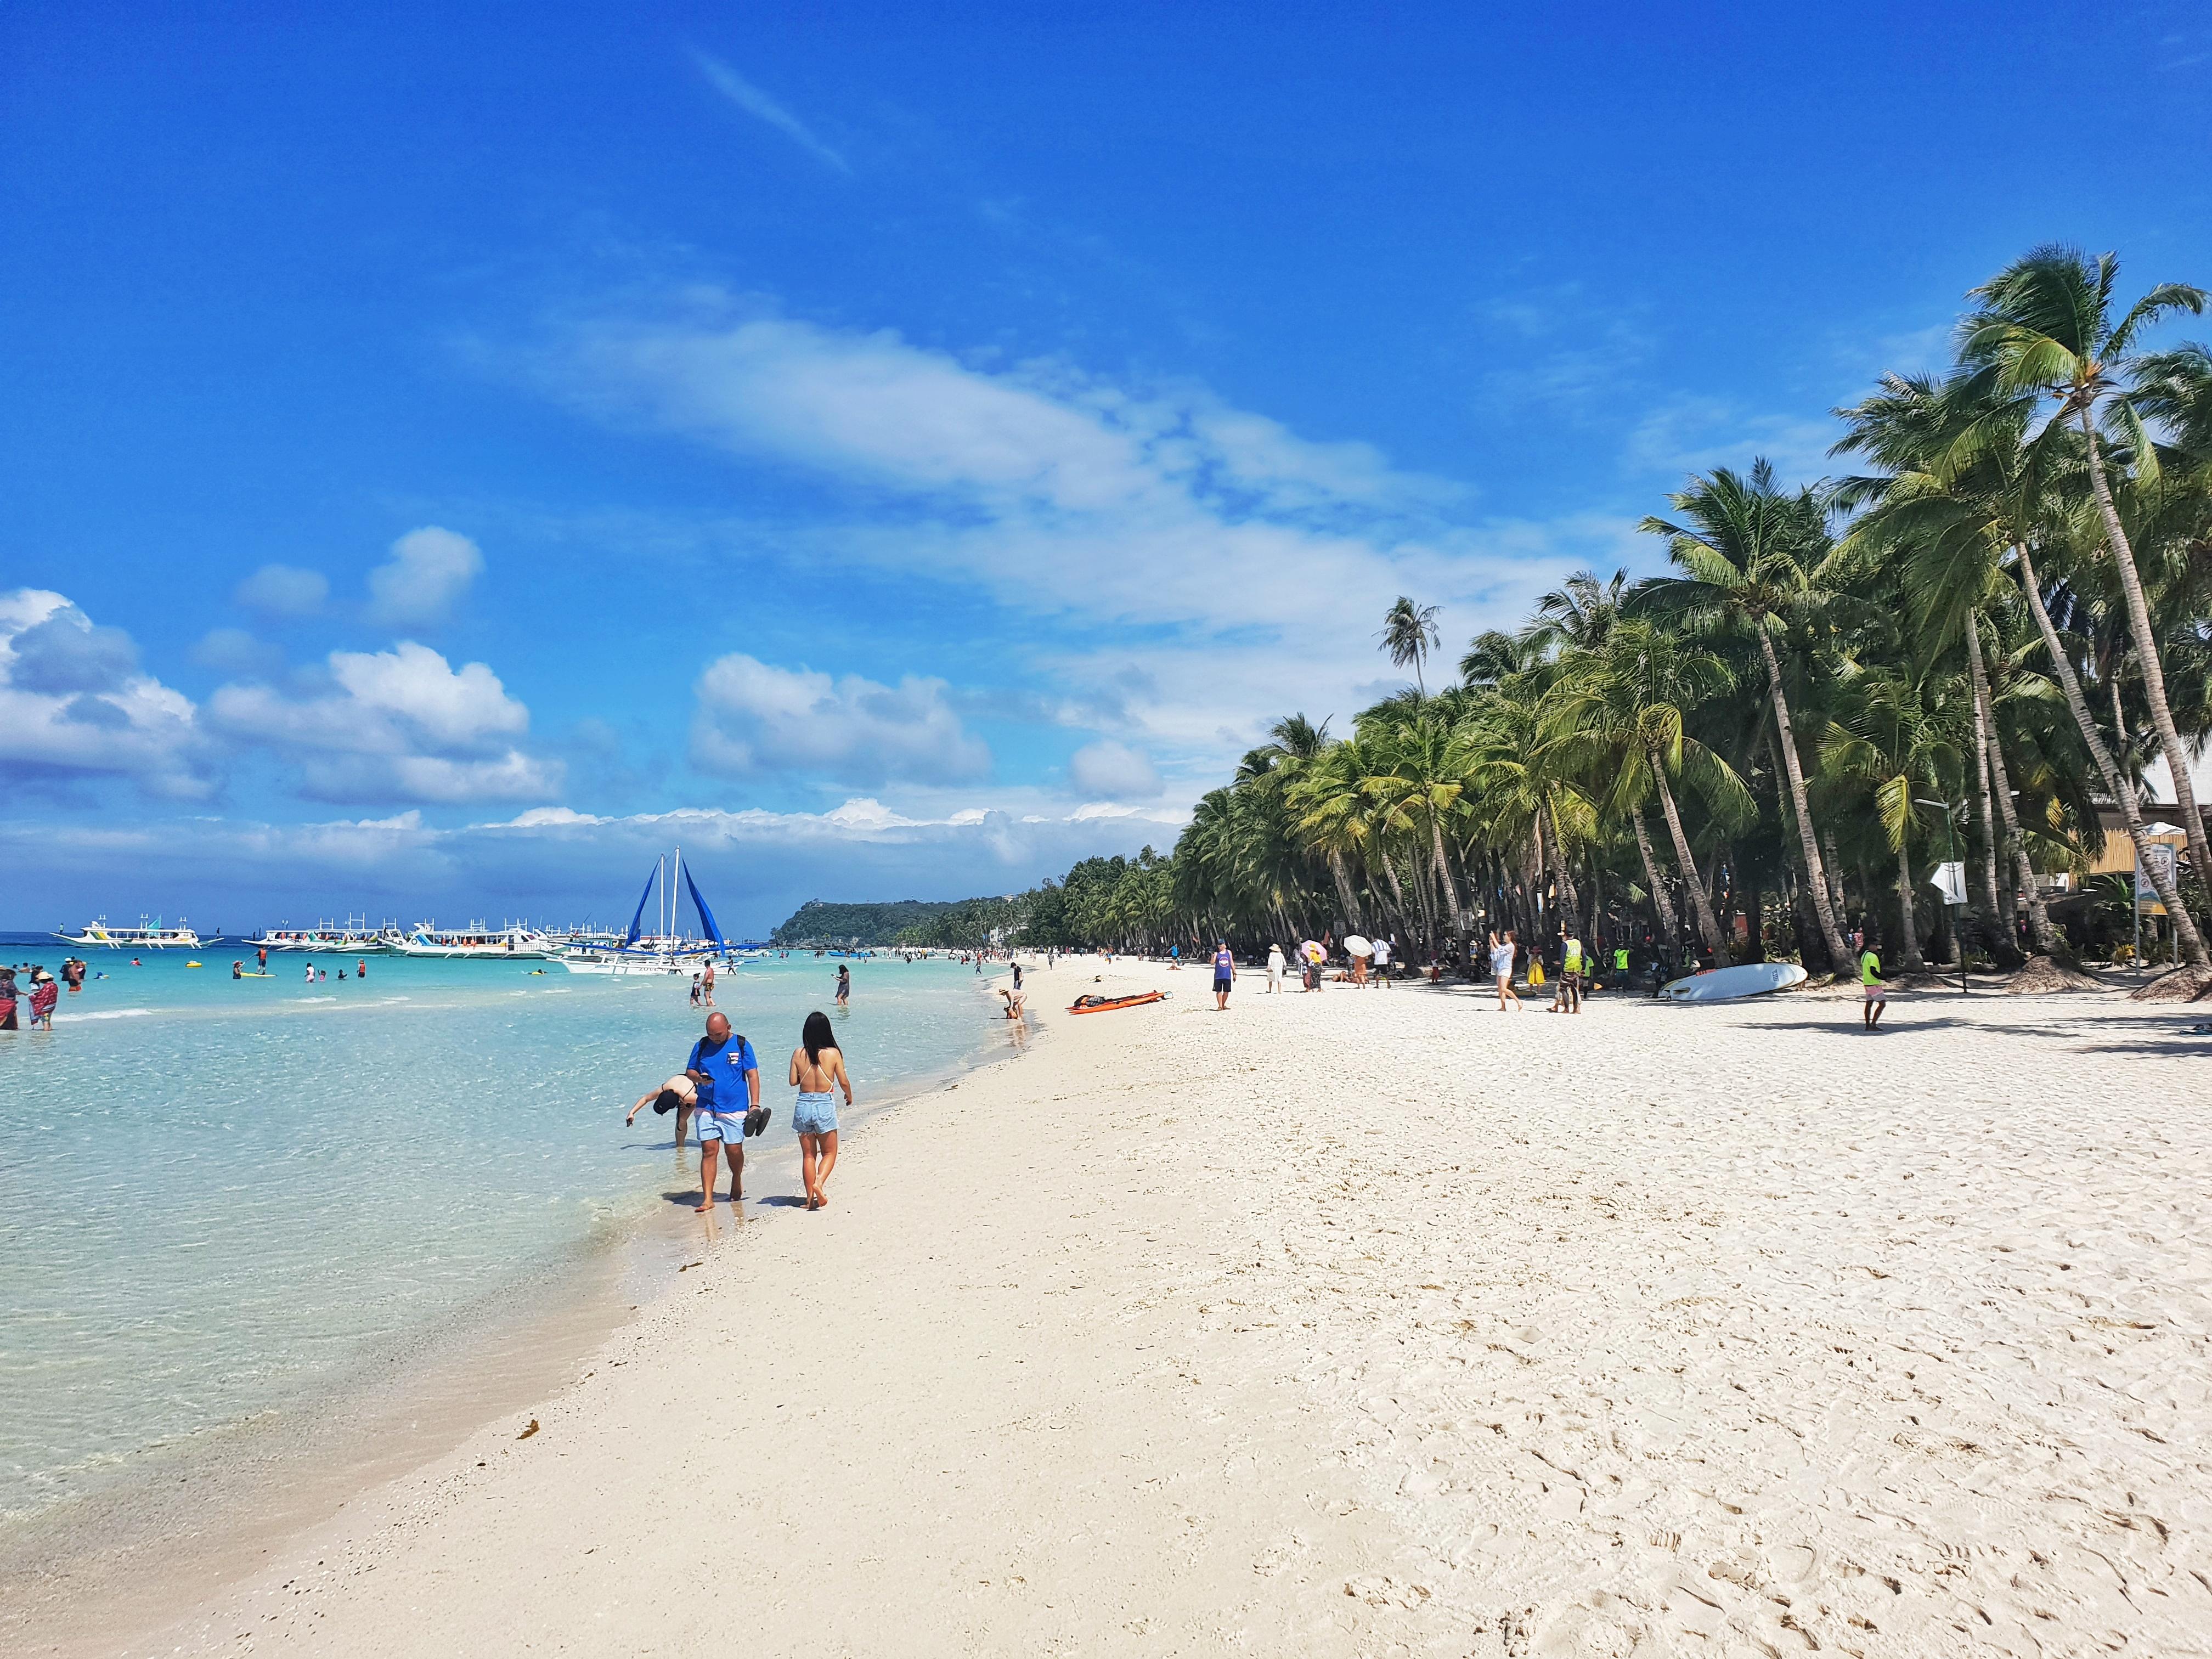 The District Boracay beach